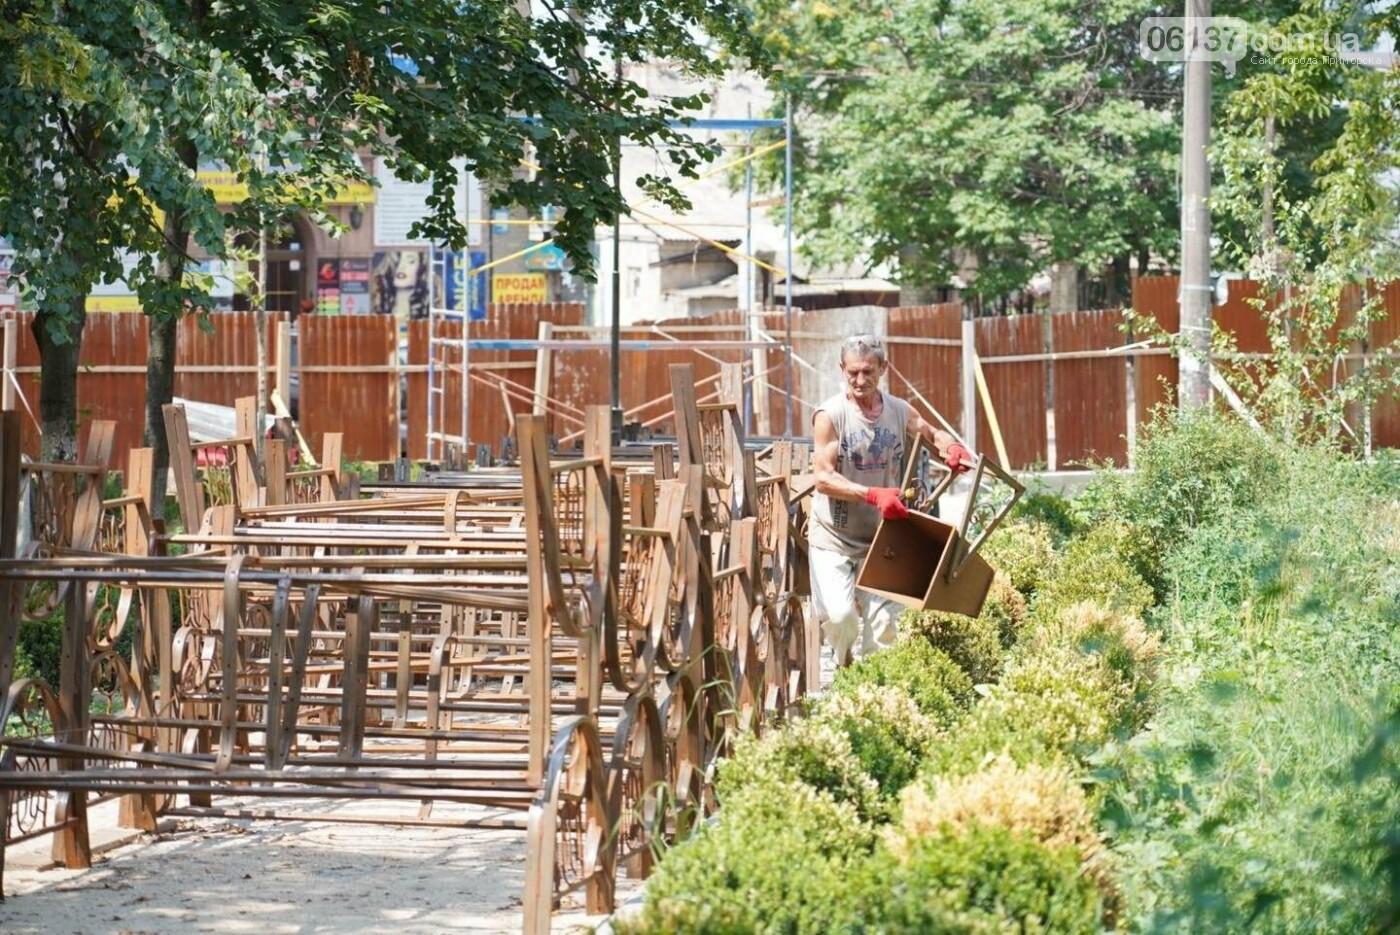 Завершается реконструкция запорожского сквера Пионеров, готовится новая скульптура. Фото, фото-3